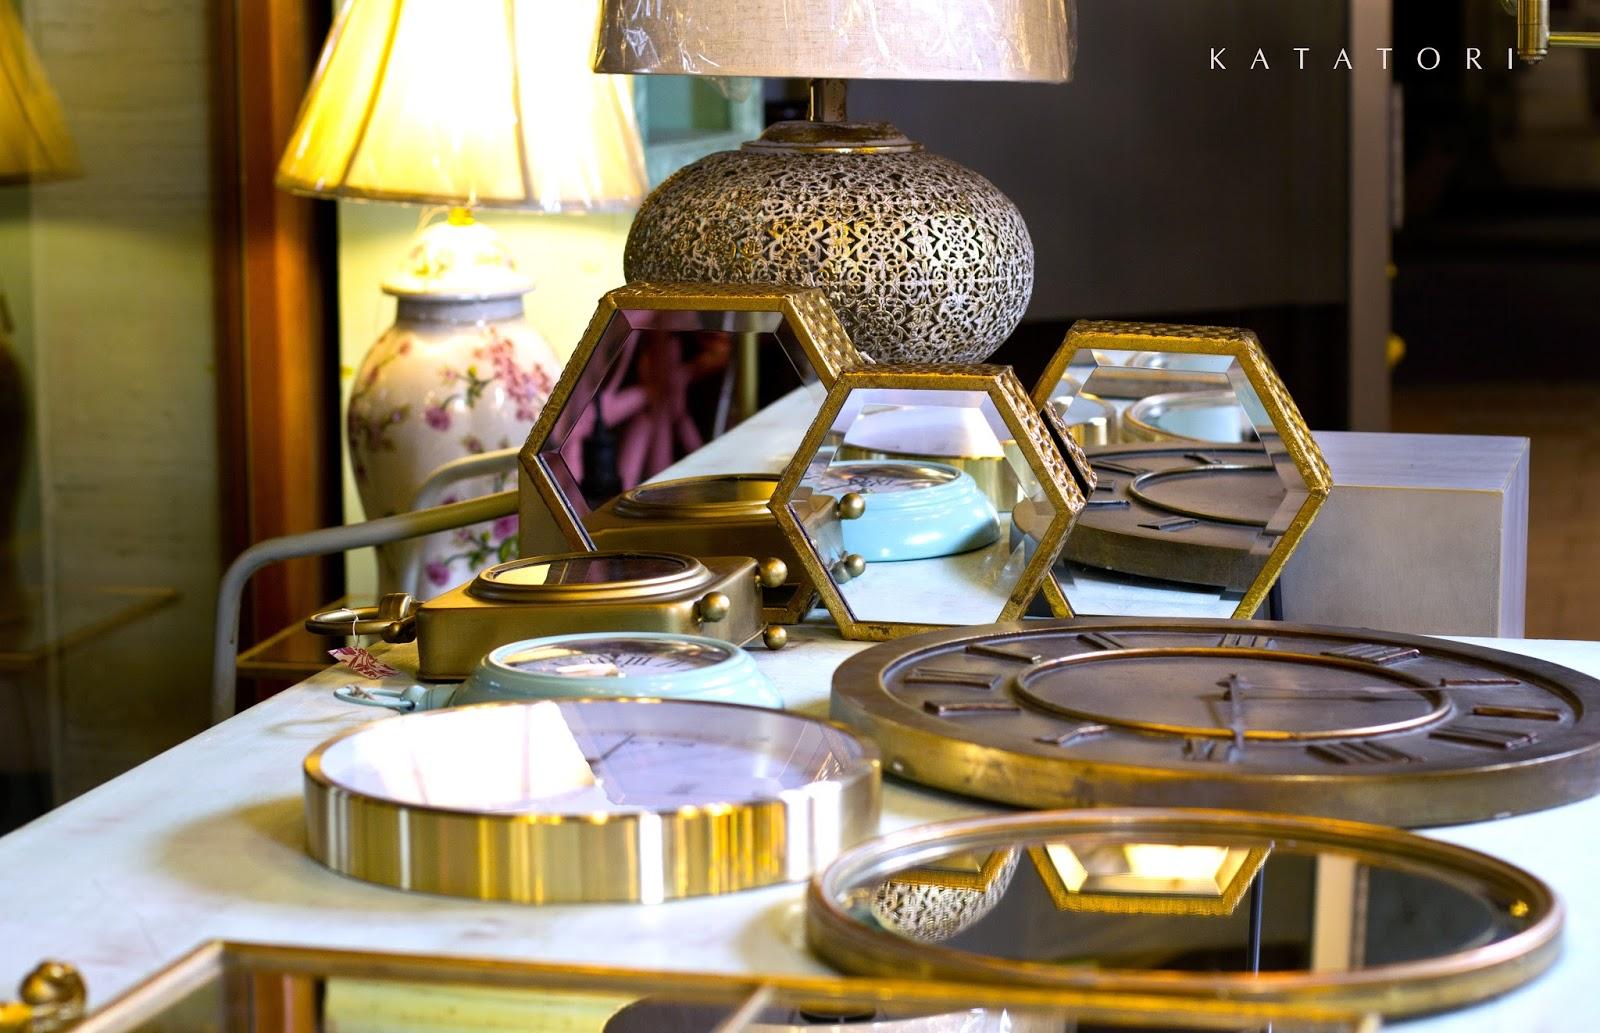 Katatori interiores medir el tiempo y decorar for Muebles poligono el manchon